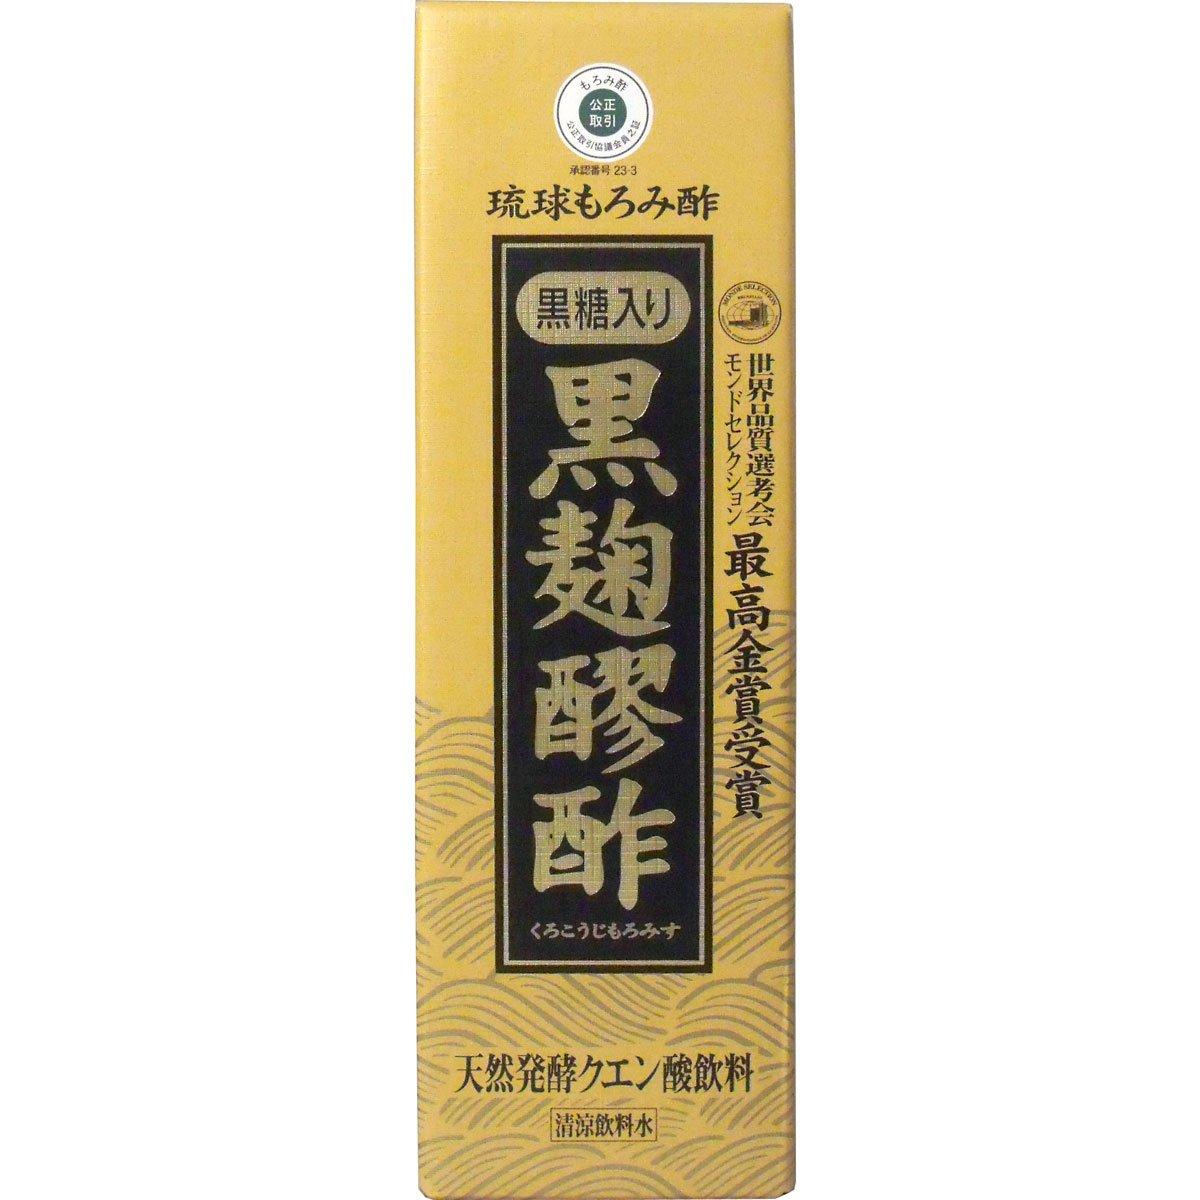 黒麹醪酢 黒糖 720ml ×6個セット B008B4939Q